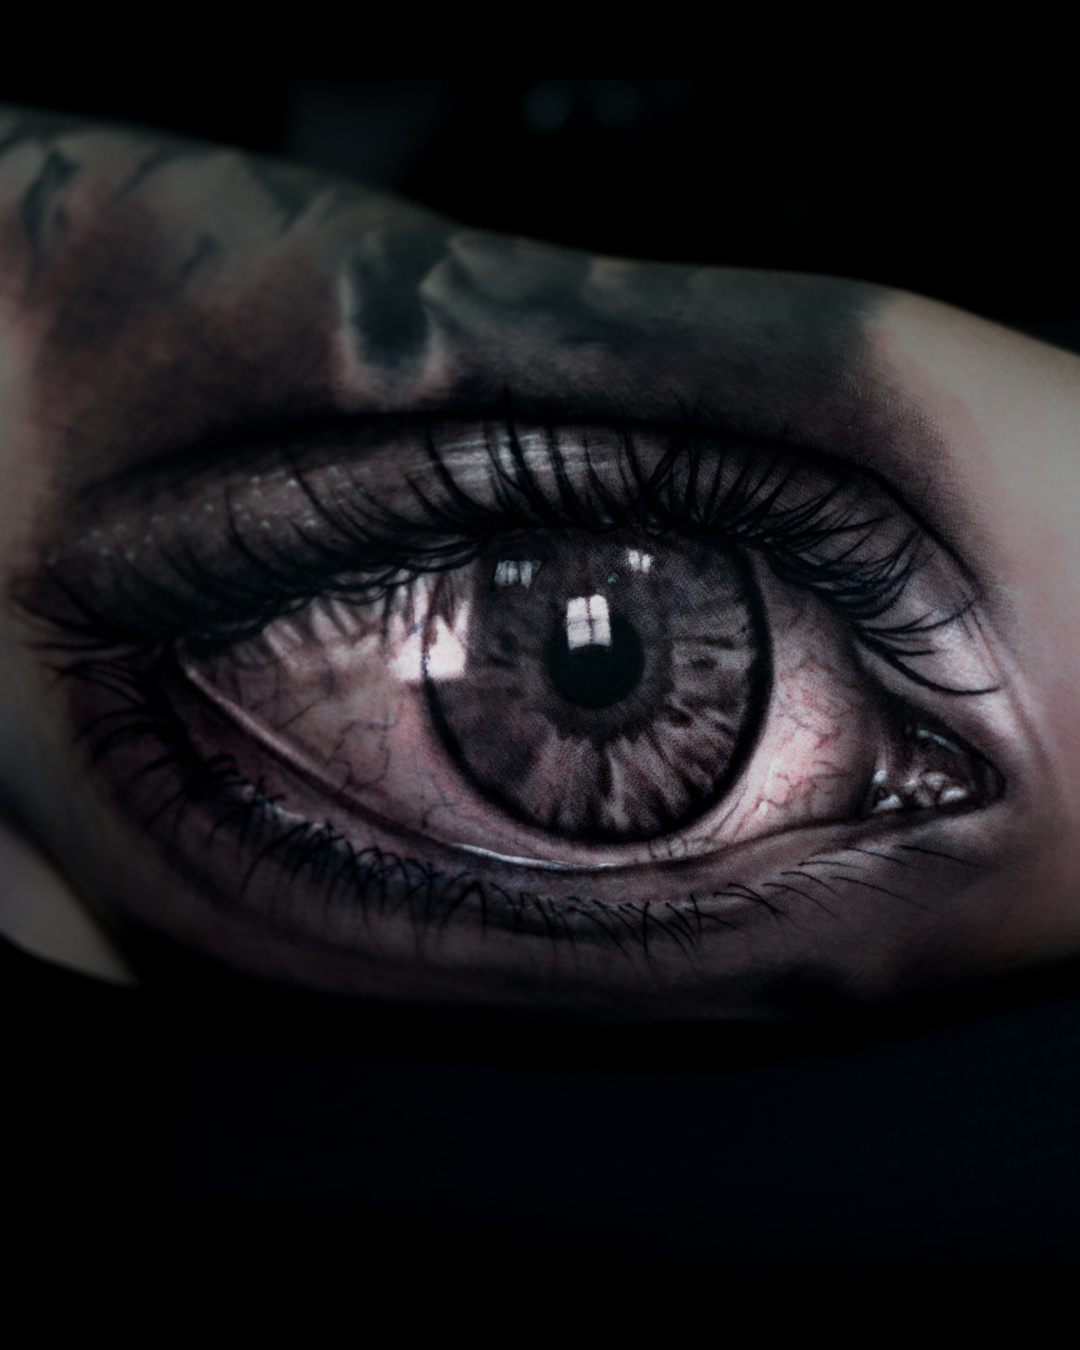 Tattoo tatuaje Alexis Epalza Ojo Ojos Eye eyes